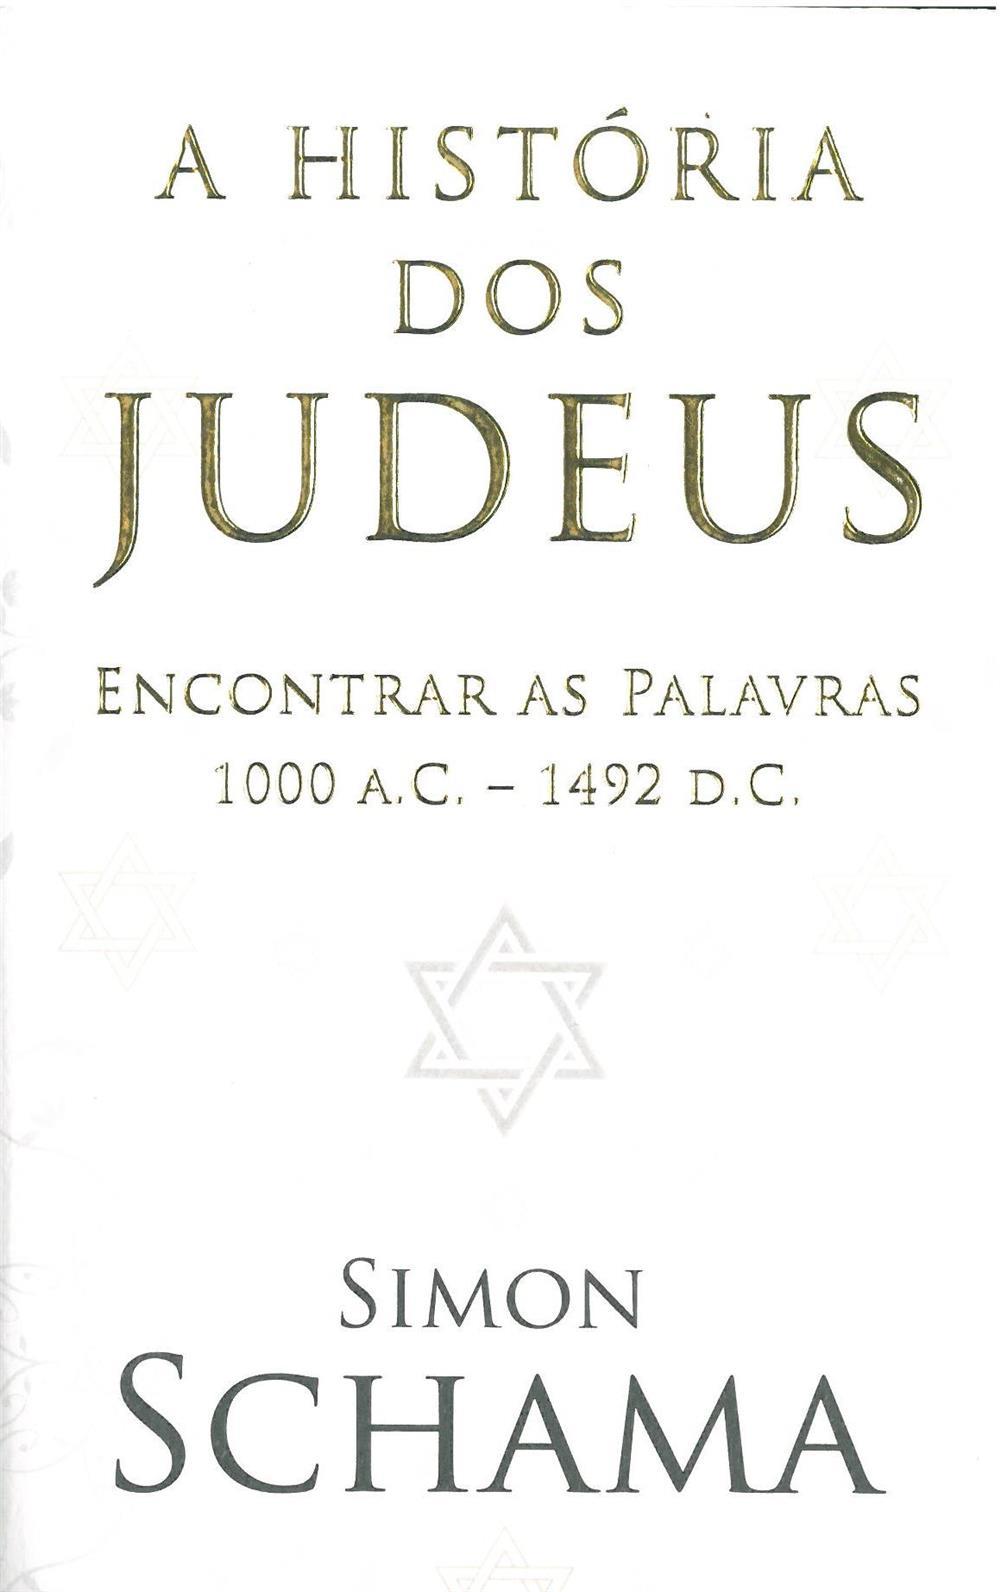 A história dos judeus_.jpg